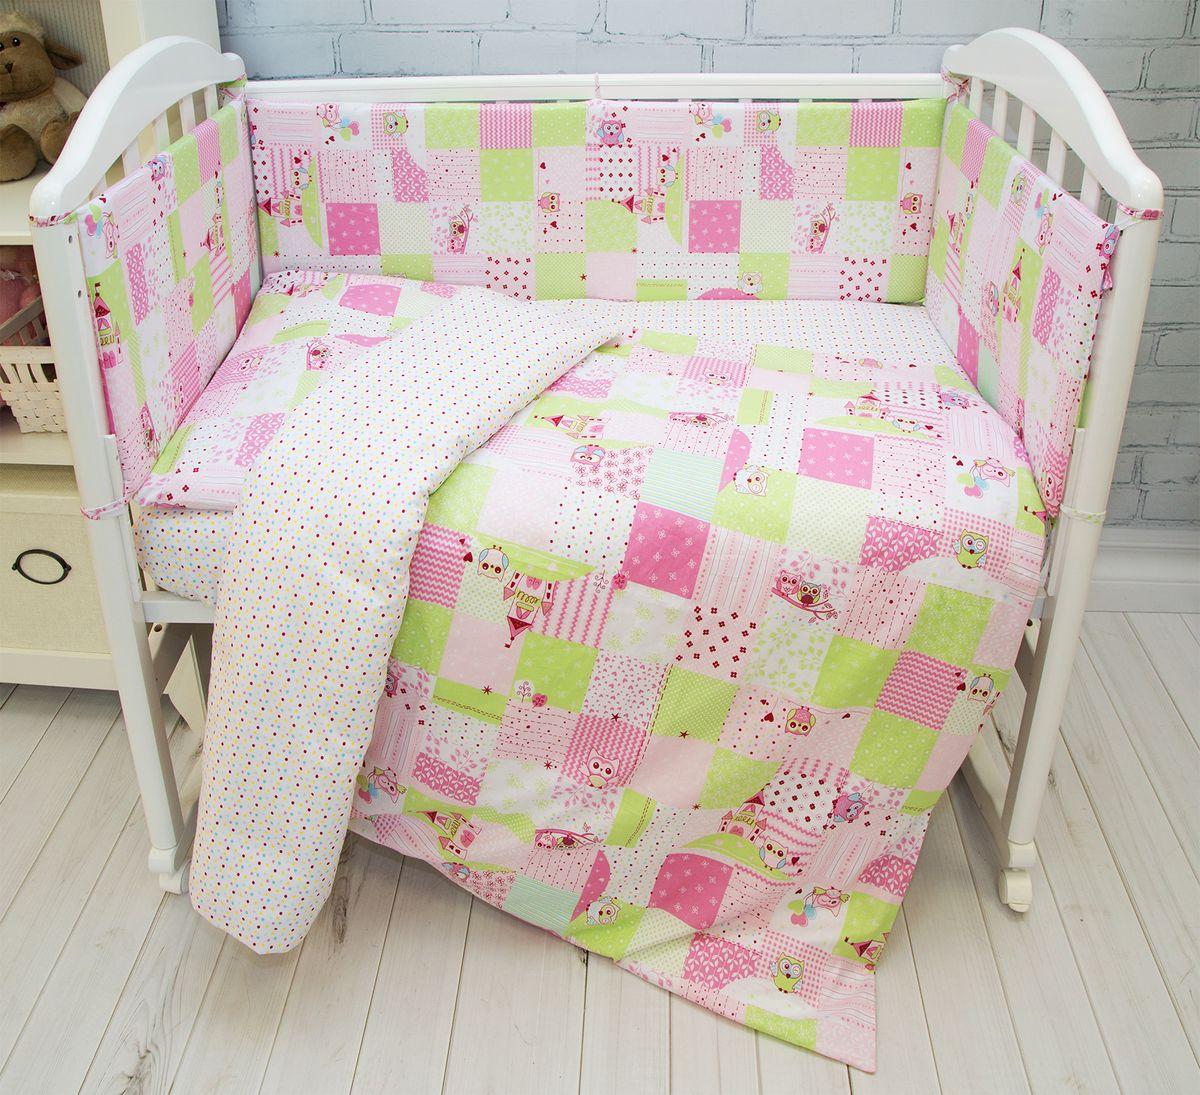 Споки Ноки Бортик для кровати Совы цвет розовый - Детская комната